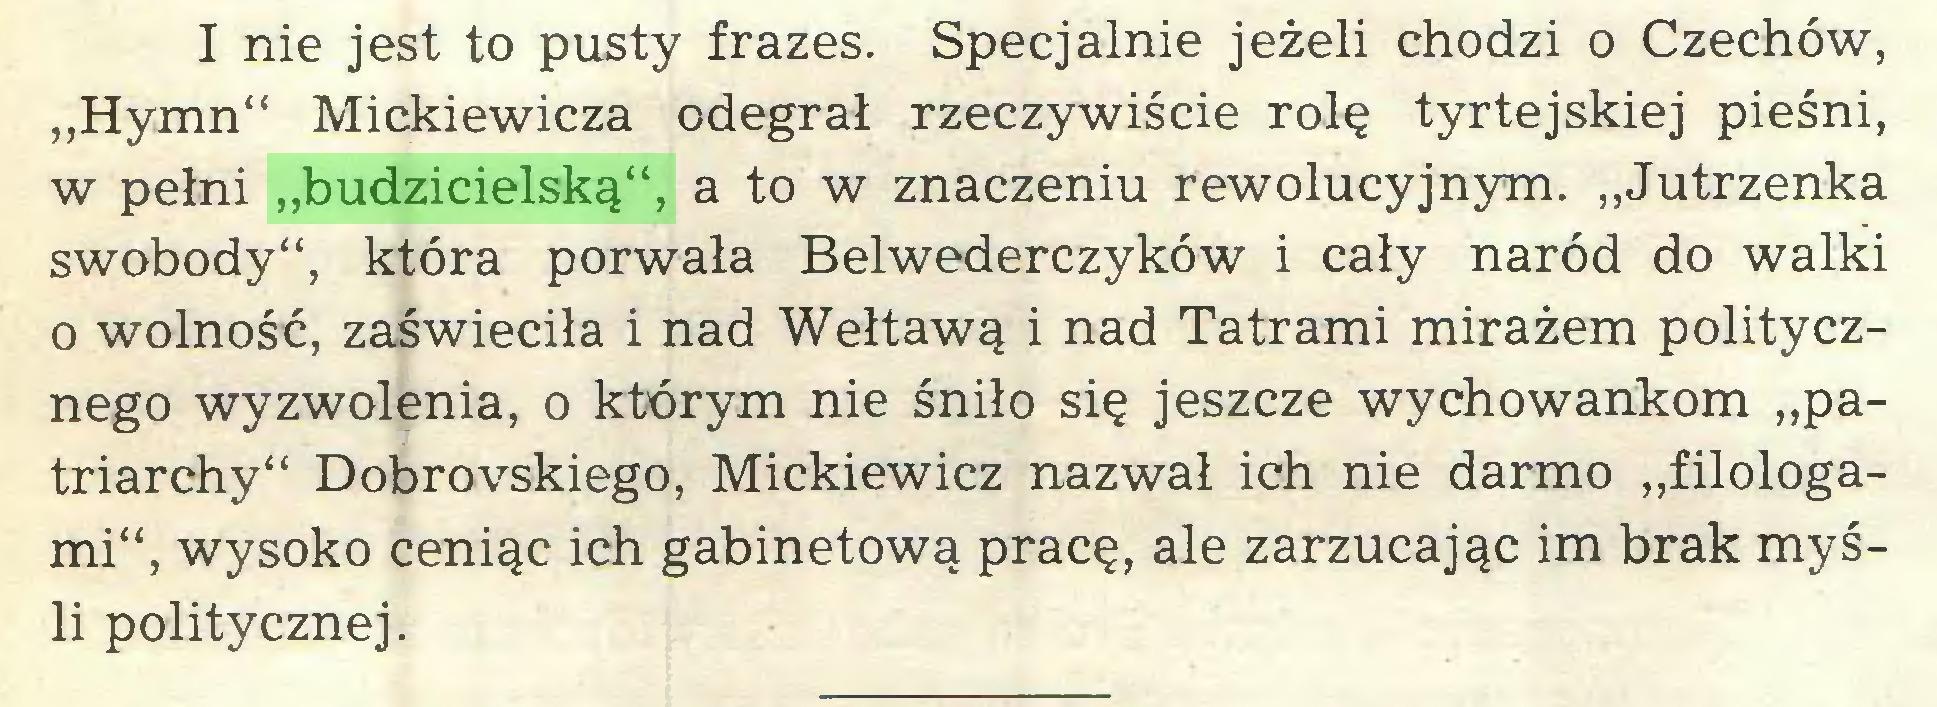 """(...) I nie jest to pusty frazes. Specjalnie jeżeli chodzi o Czechów, """"Hymn"""" Mickiewicza odegrał rzeczywiście rolę tyrtejskiej pieśni, w pełni """"budzicielską"""", a to w znaczeniu rewolucyjnym. """"Jutrzenka swobody"""", która porwała Belwederczyków i cały naród do walki o wolność, zaświeciła i nad Wełtawą i nad Tatrami mirażem politycznego wyzwolenia, o którym nie śniło się jeszcze wychowankom """"patriarchy"""" Dobrovskiego, Mickiewicz nazwał ich nie darmo """"filologami"""", wysoko ceniąc ich gabinetową pracę, ale zarzucając im brak myśli politycznej..."""